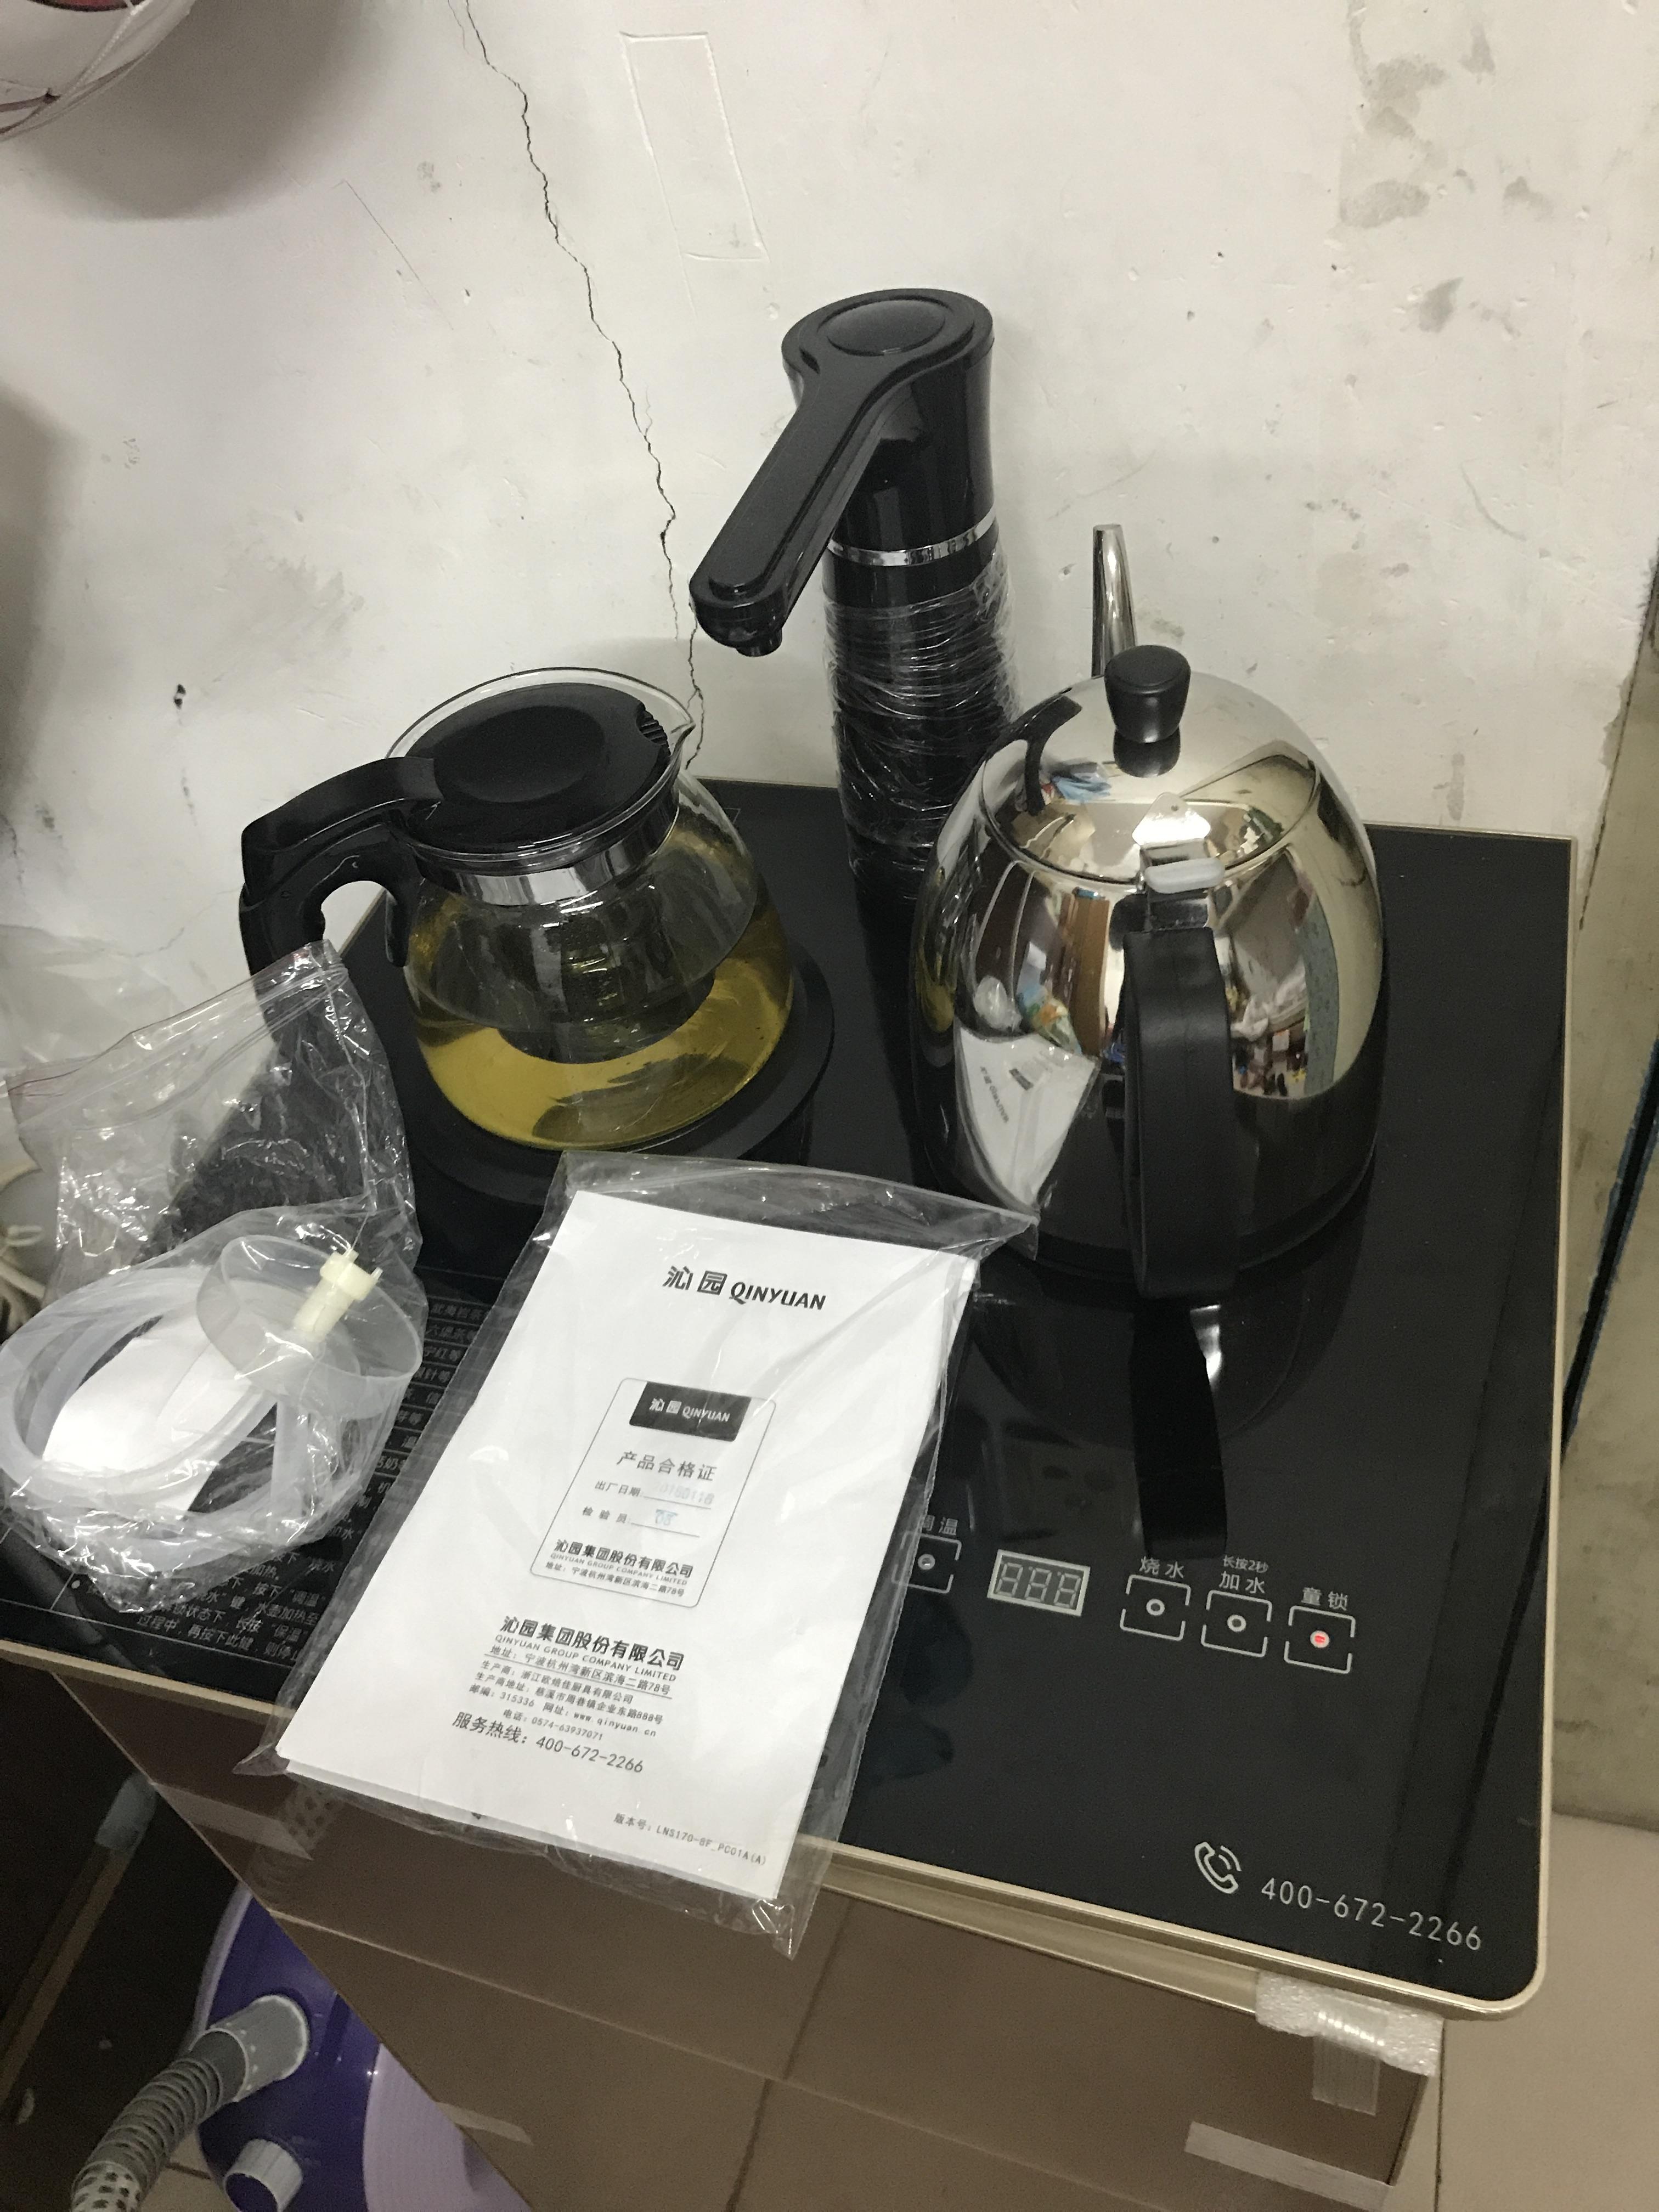 【试用评测】沁园茶吧饮水机 赠净水器及水桶